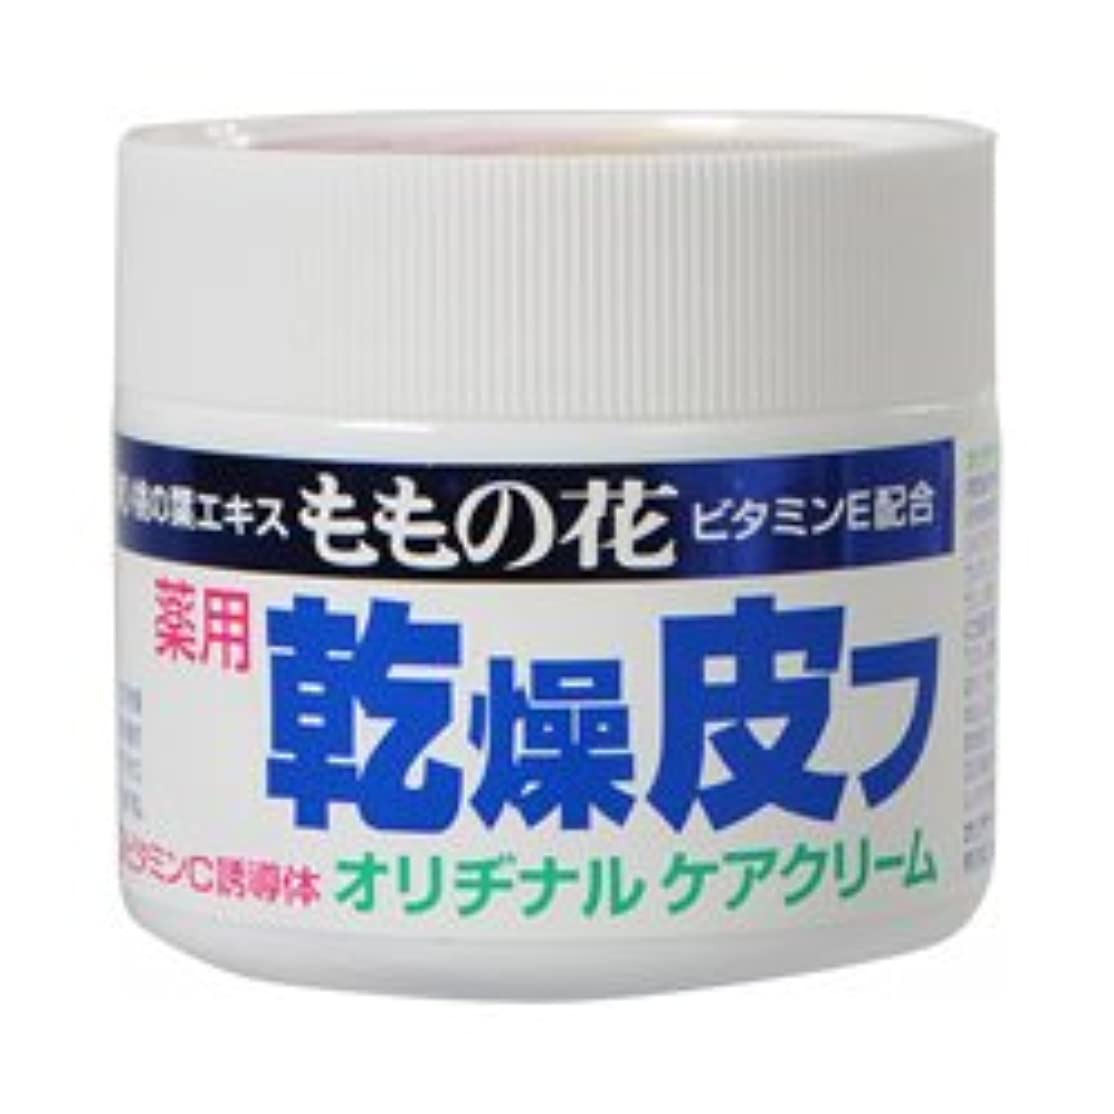 歯科医サークル潮【オリヂナル】ももの花乾燥皮フクリームC 70g ×20個セット